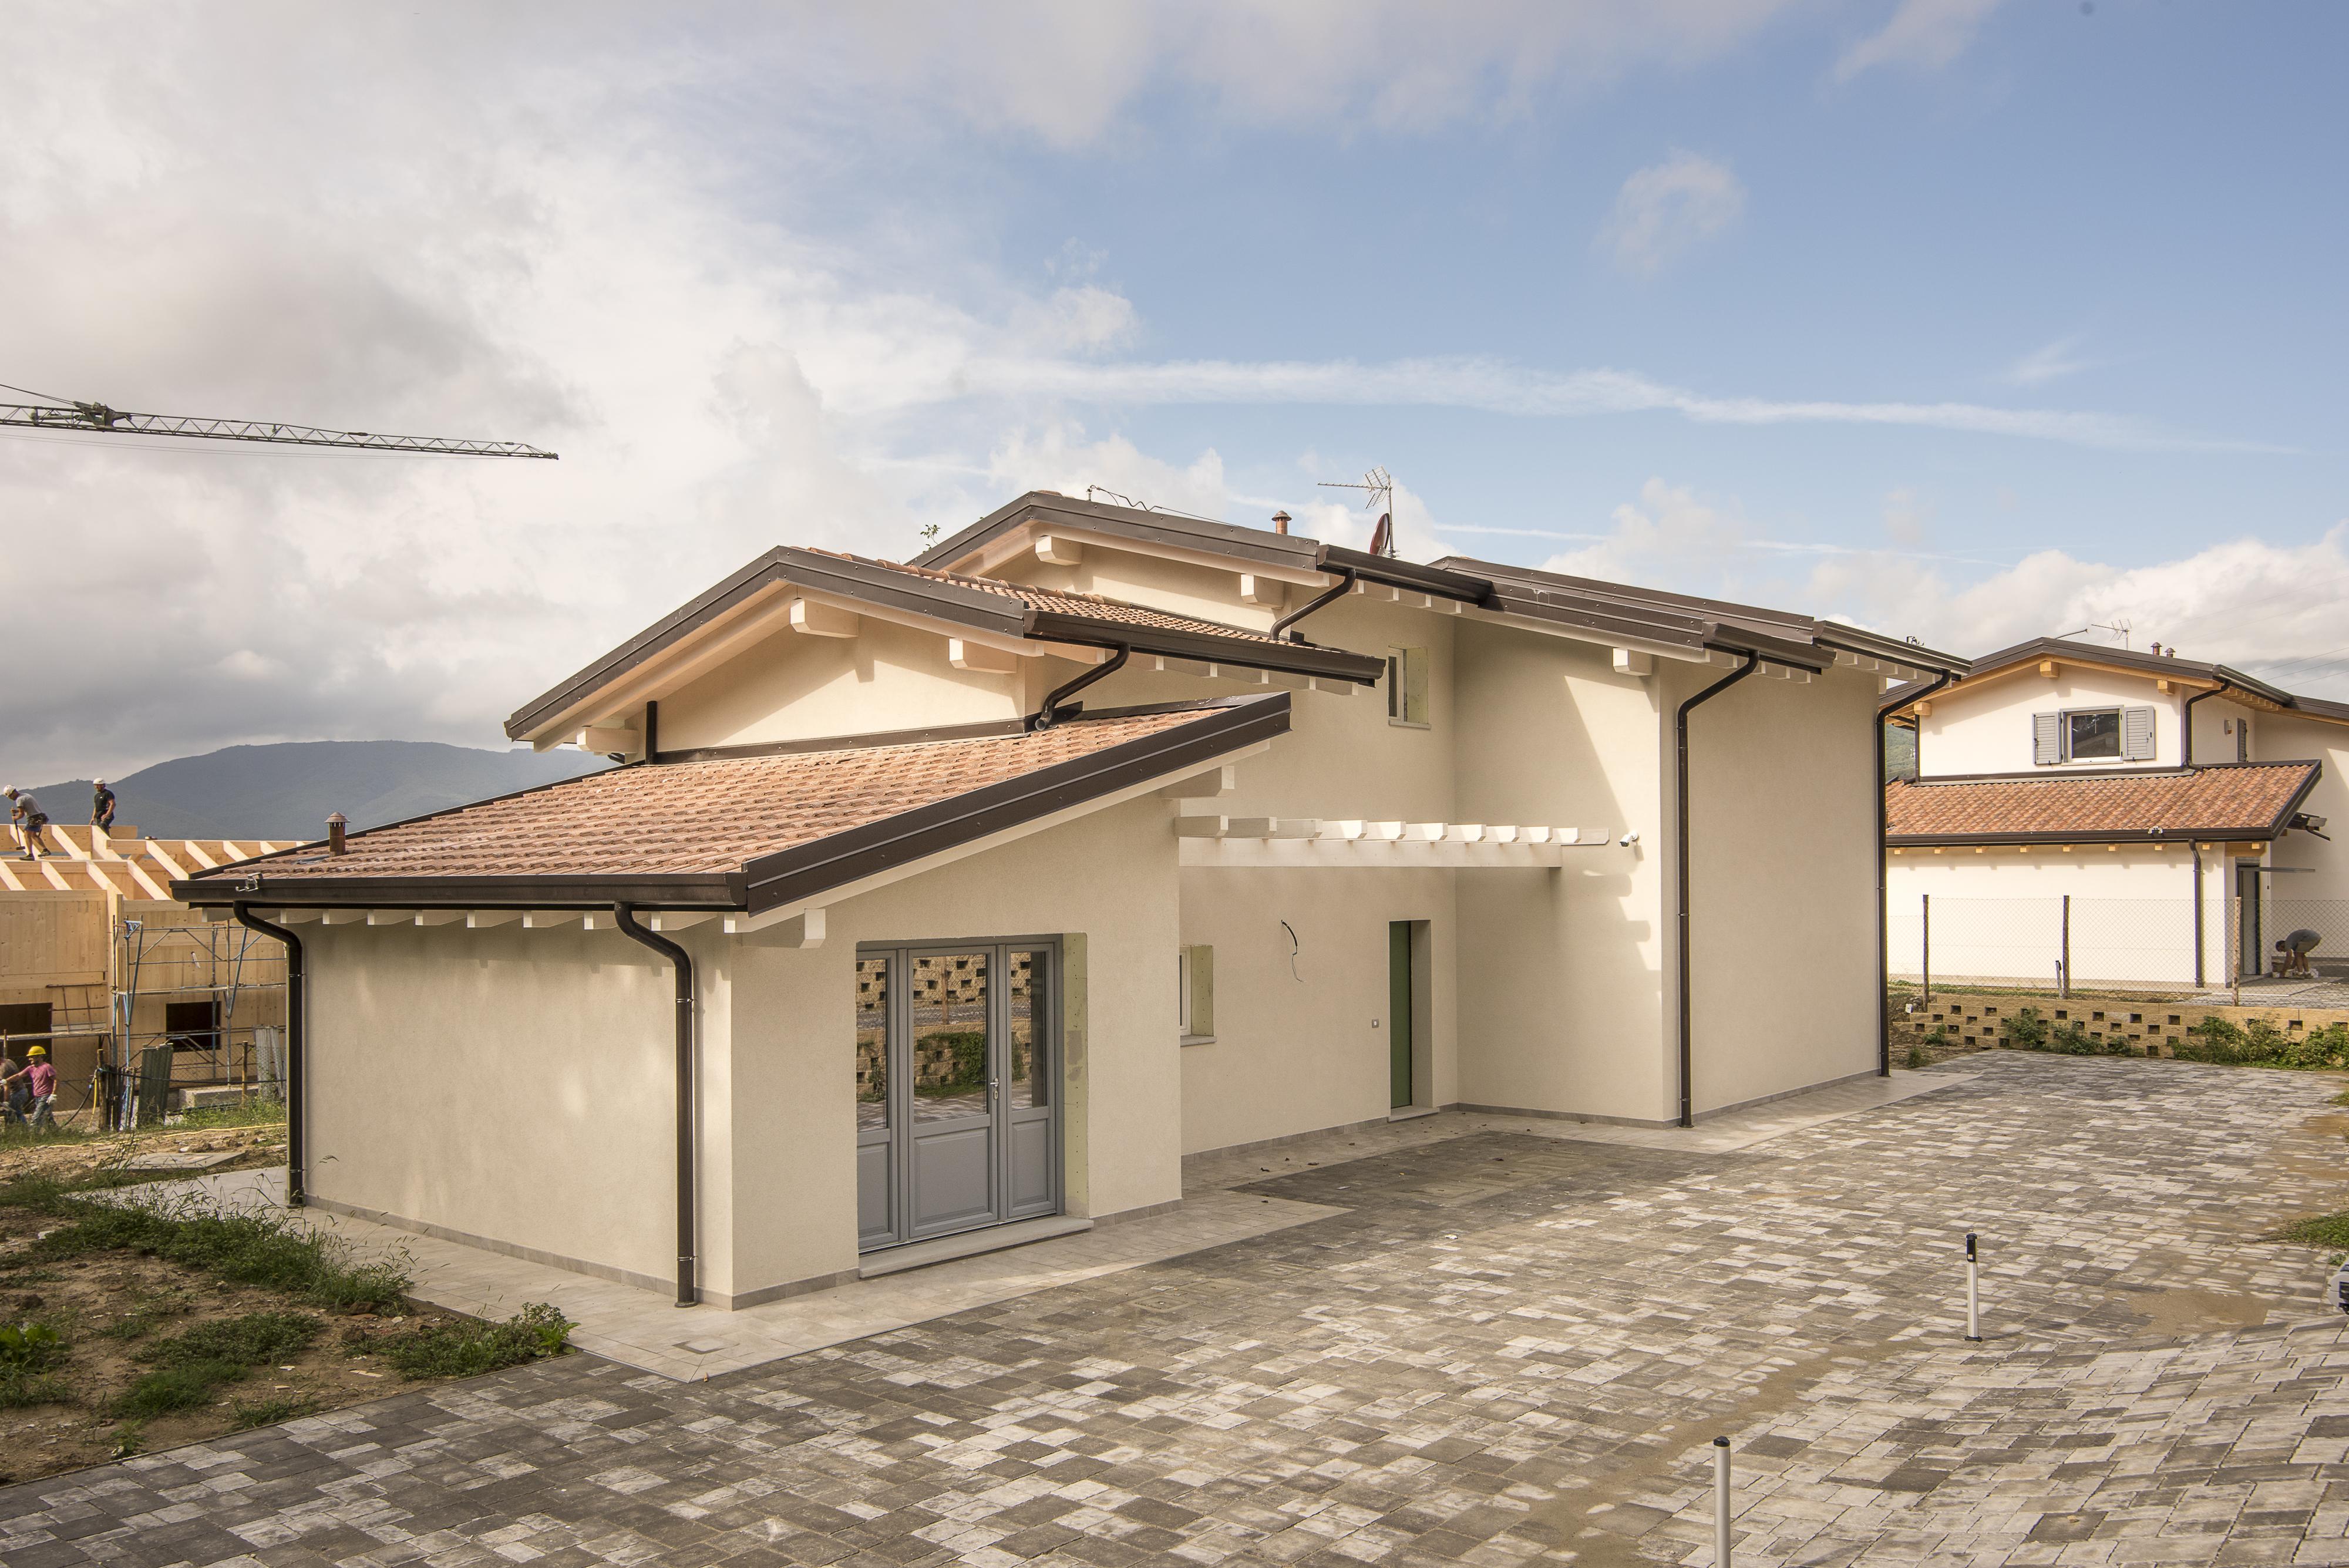 Costo Costruzione Casa Al Grezzo case costruzioni in legno belluno-veneto, friuli, emilia romagna